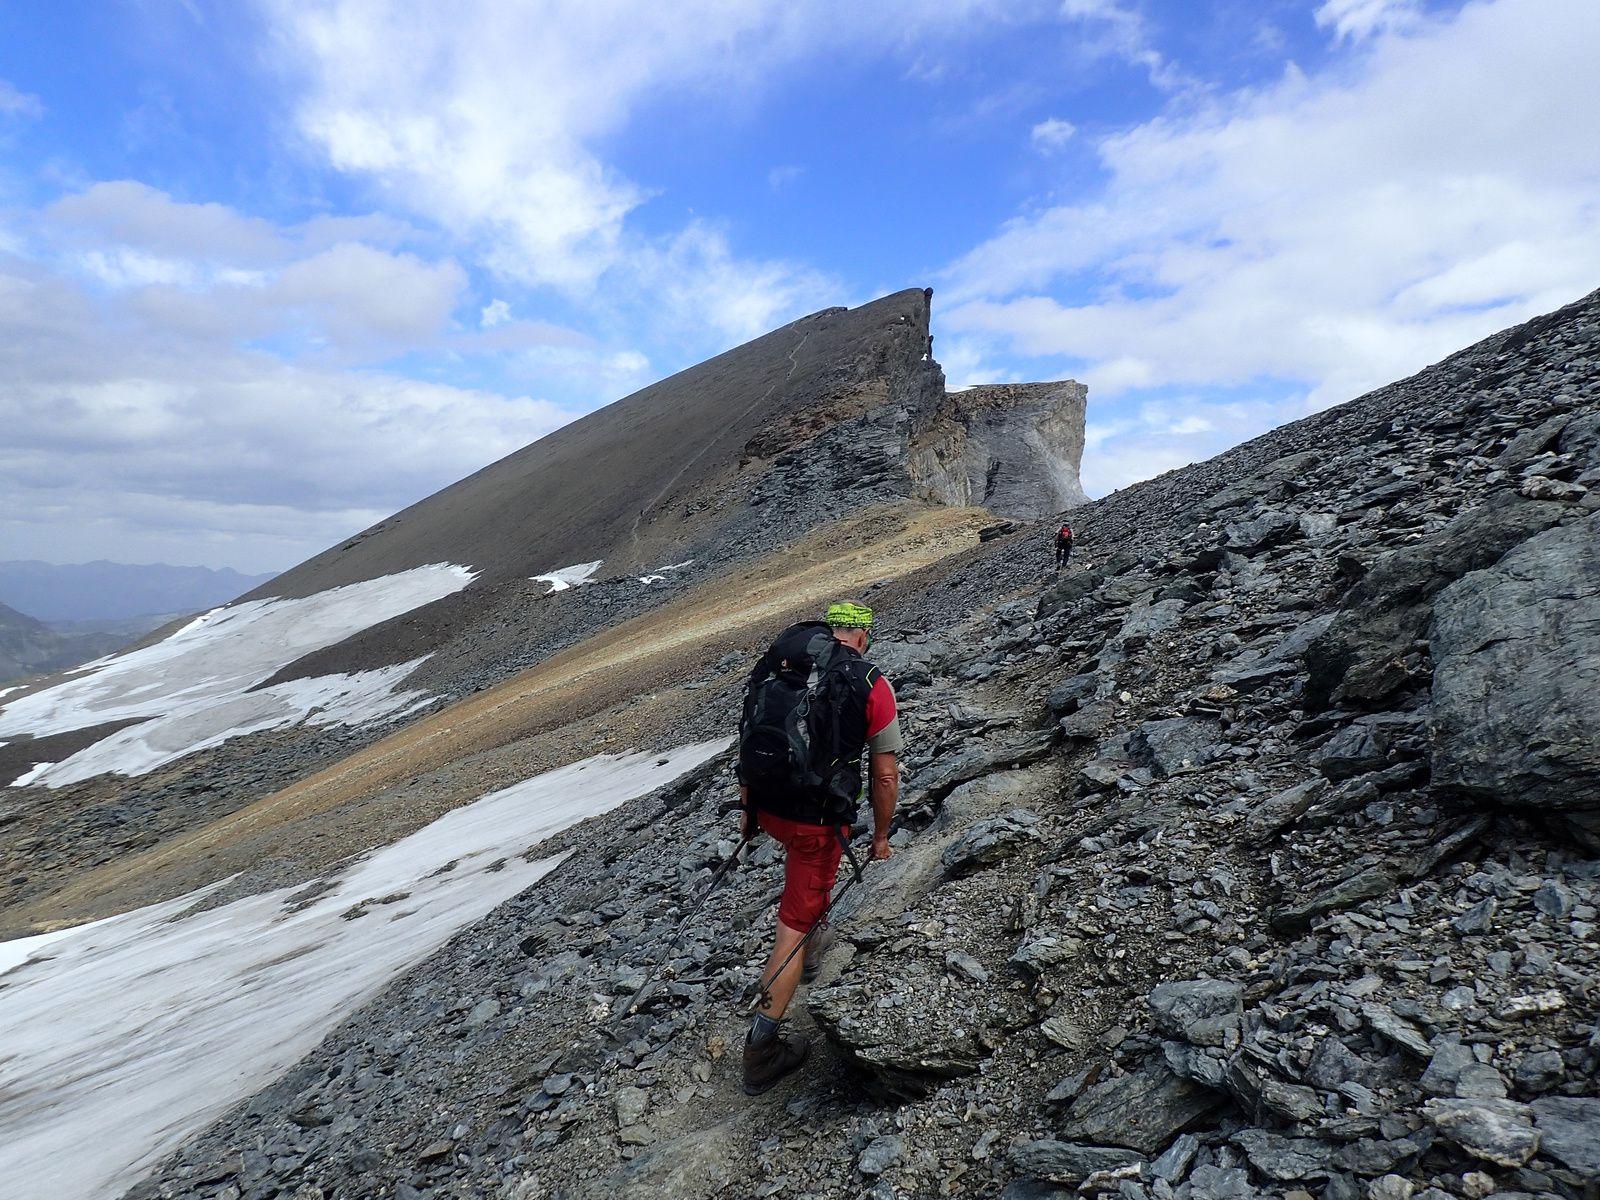 Ussers Barrhorn: Voie normale; versant Ouest et Arête Sud 2/2